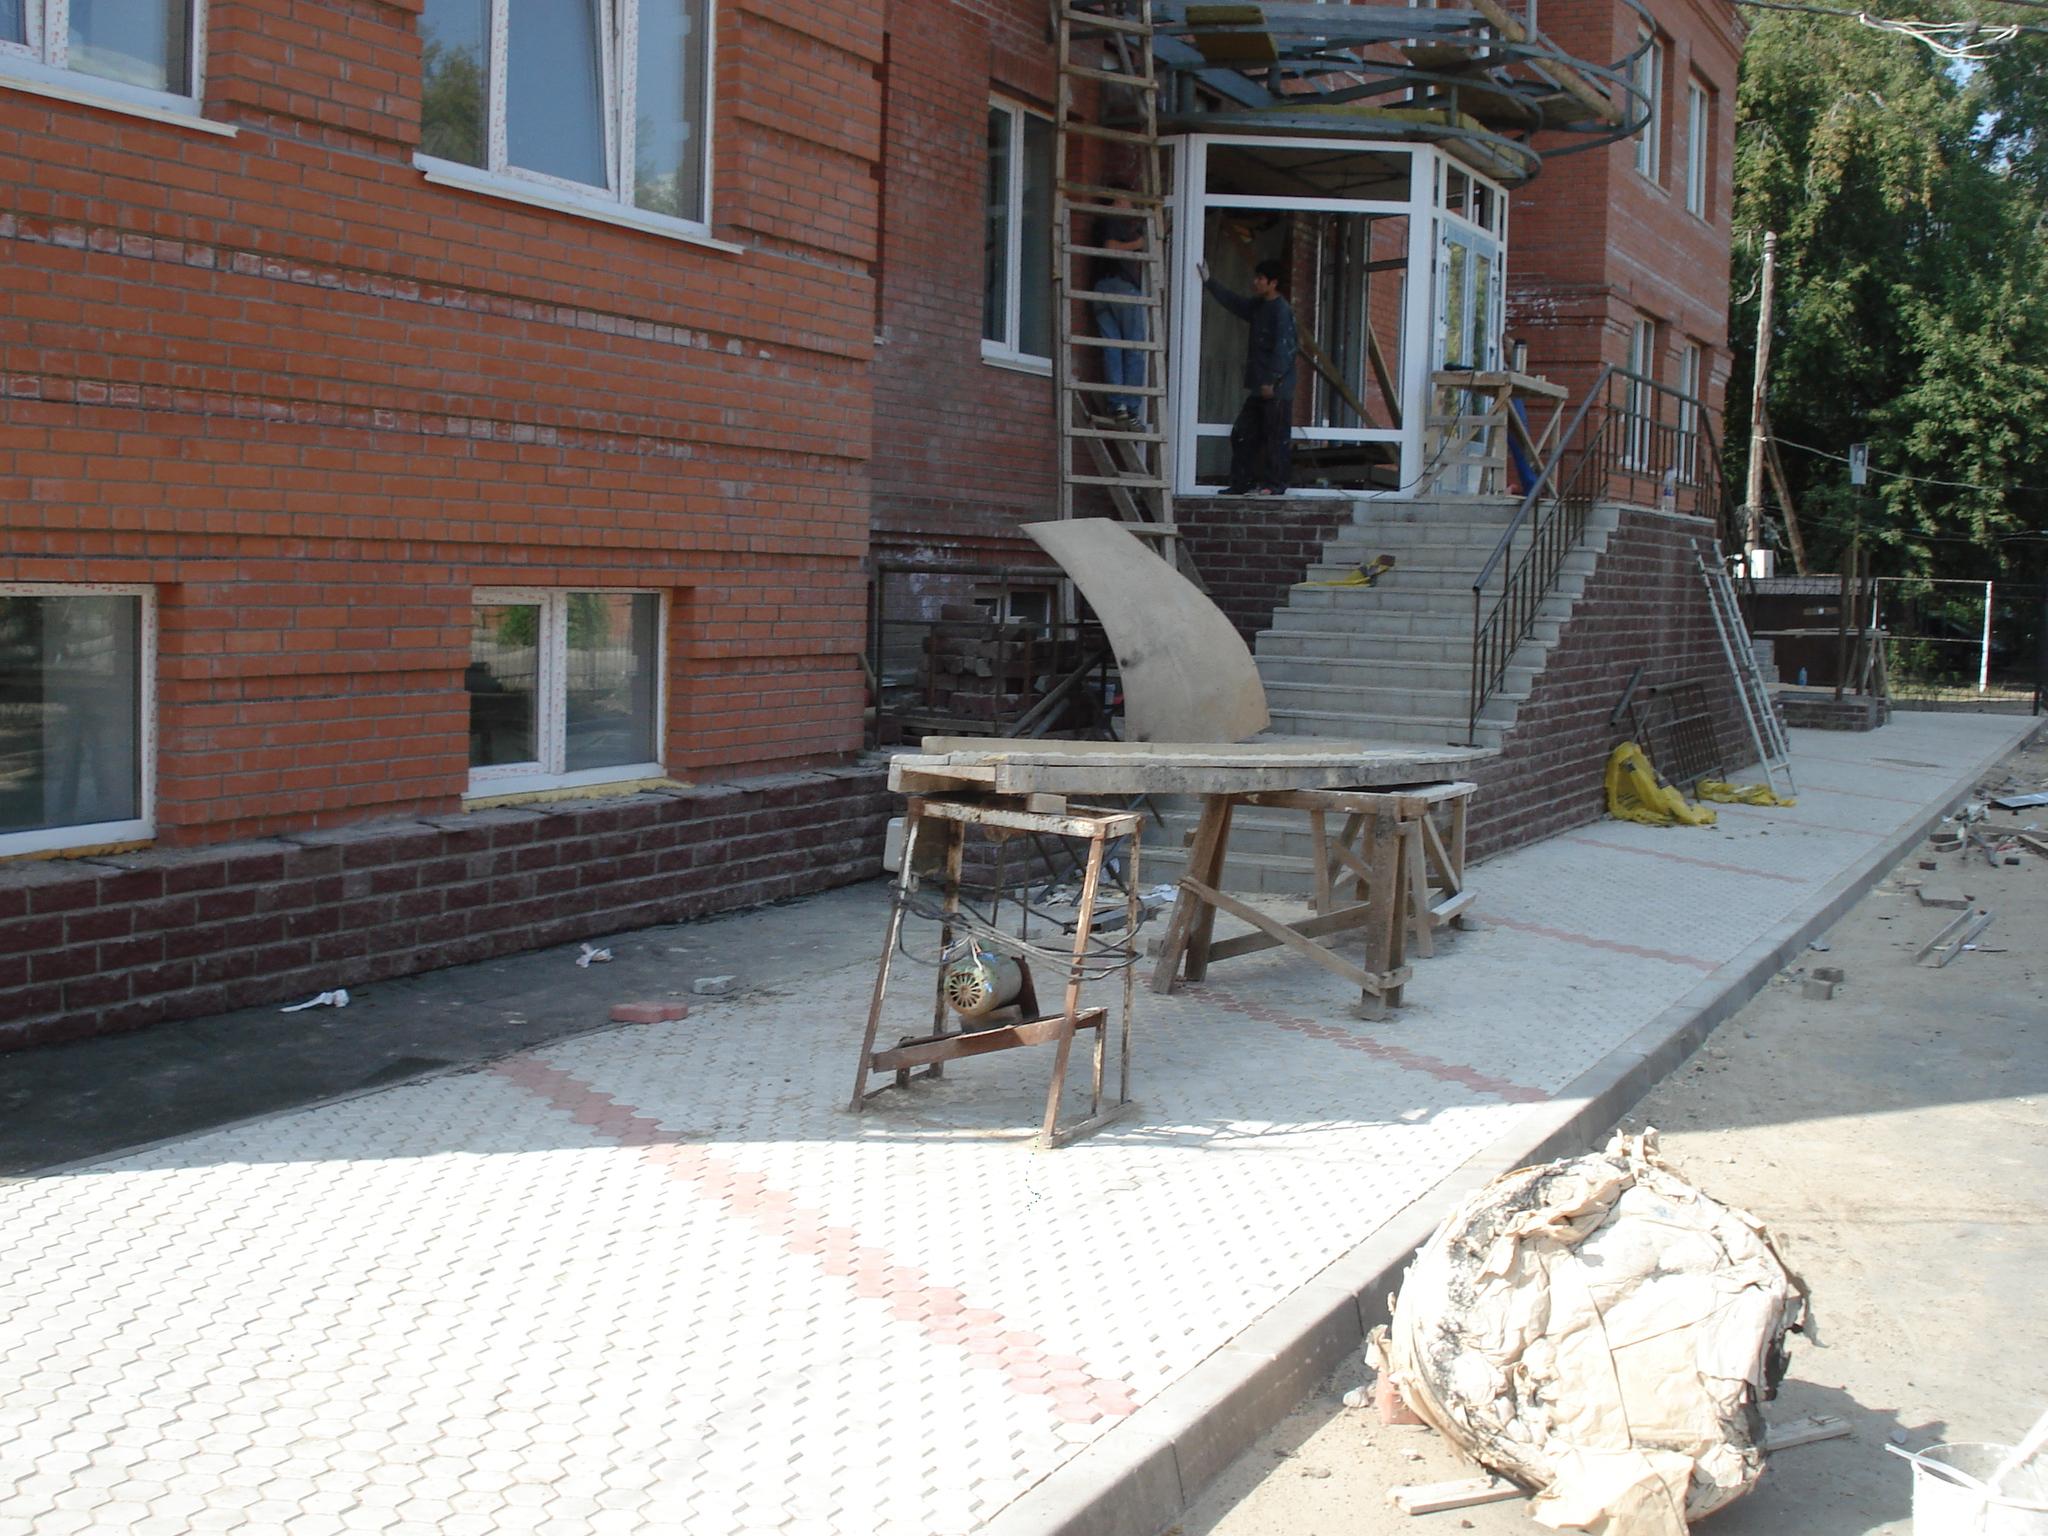 http://plitka-omsk55.ru/images/upload/DSC05580.JPG